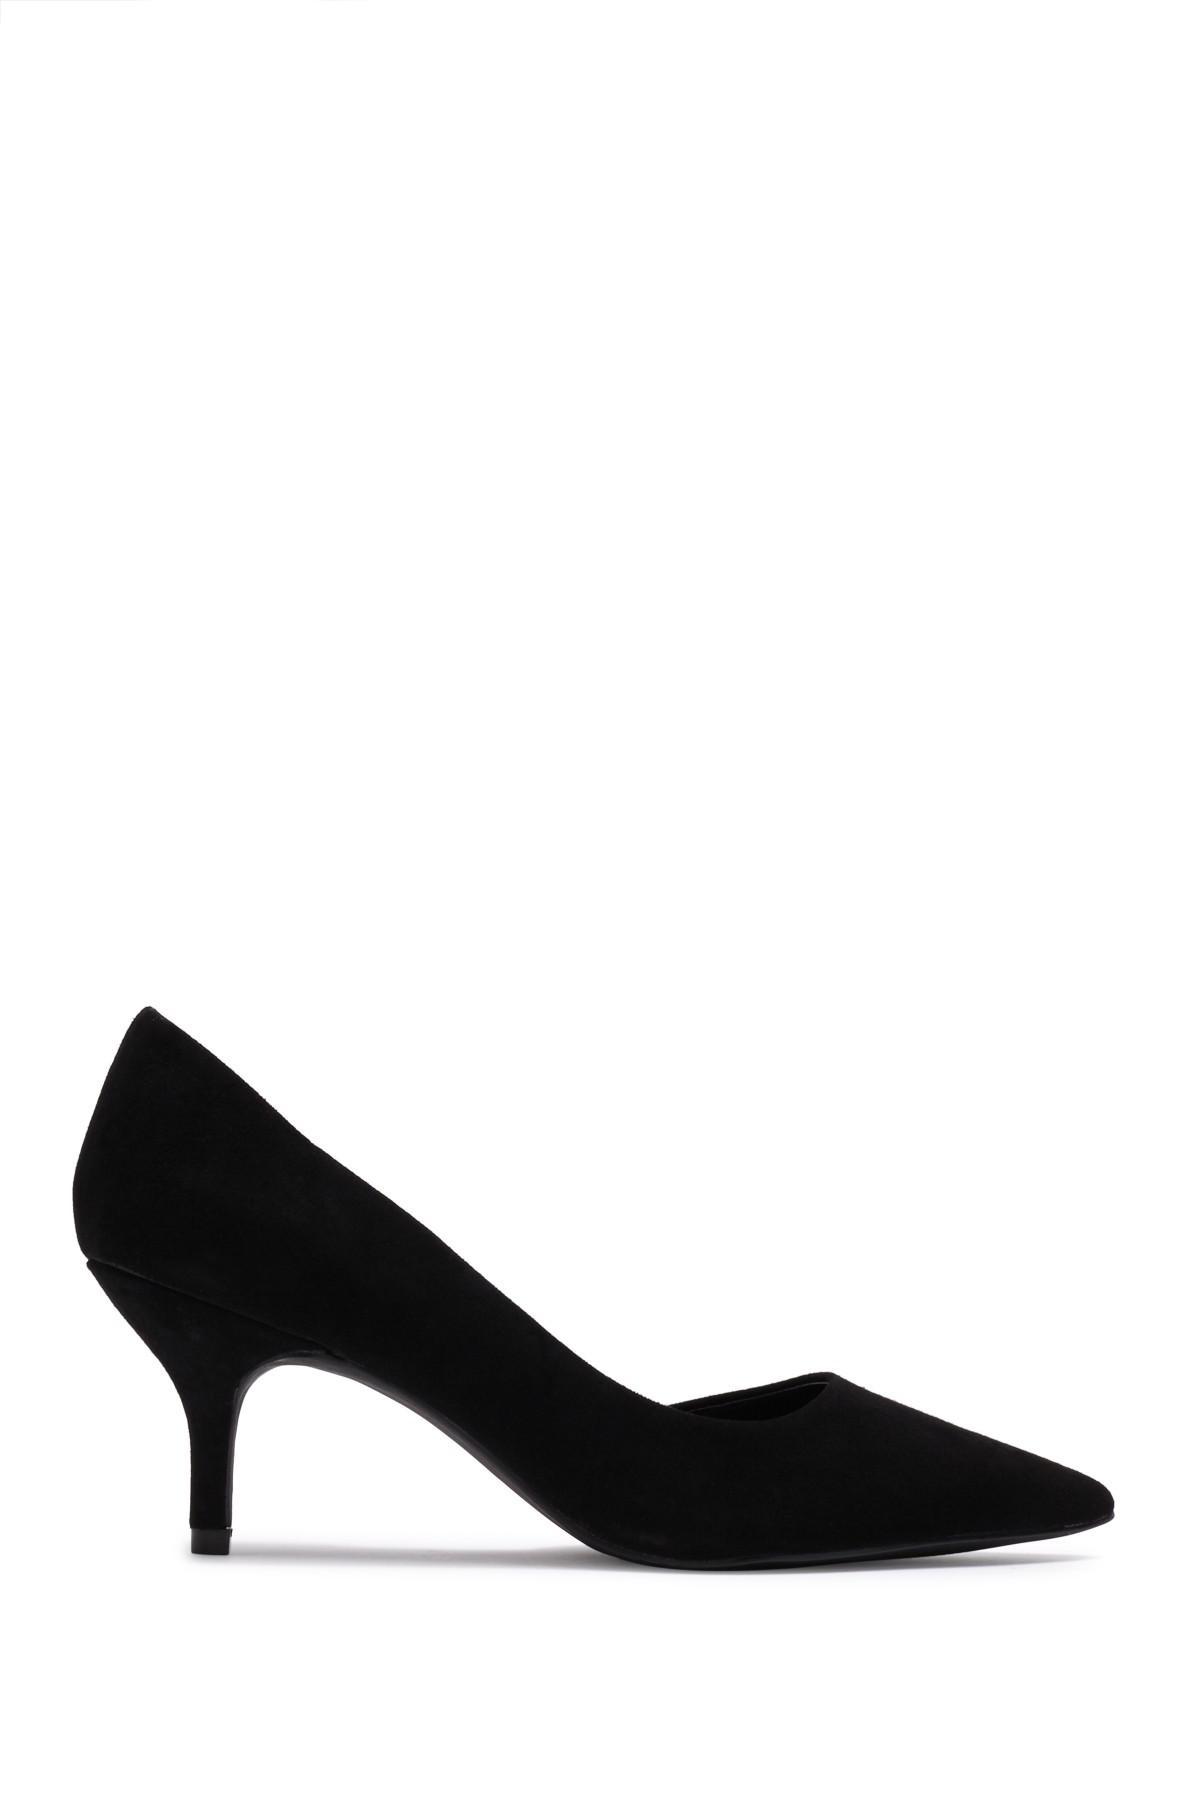 1c736a3ca60 Steve Madden - Black Flory Suede Kitten Heel Pump - Lyst. View fullscreen